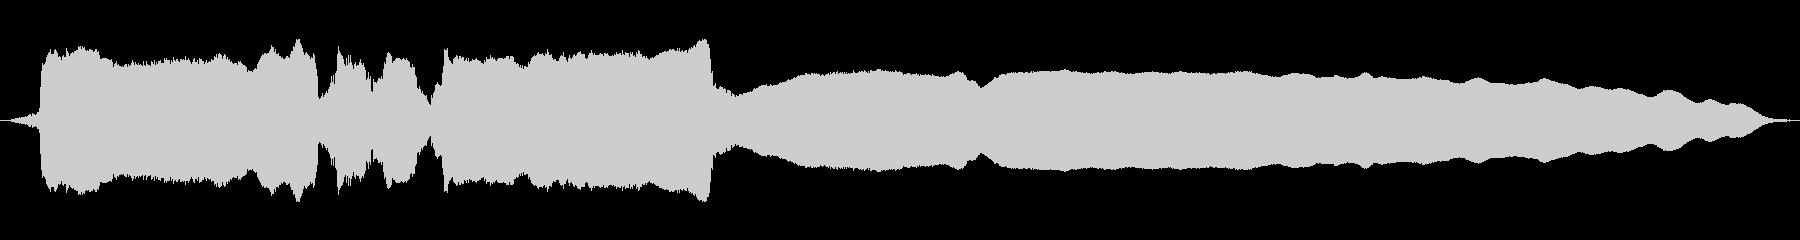 こぶし03(D#)の未再生の波形